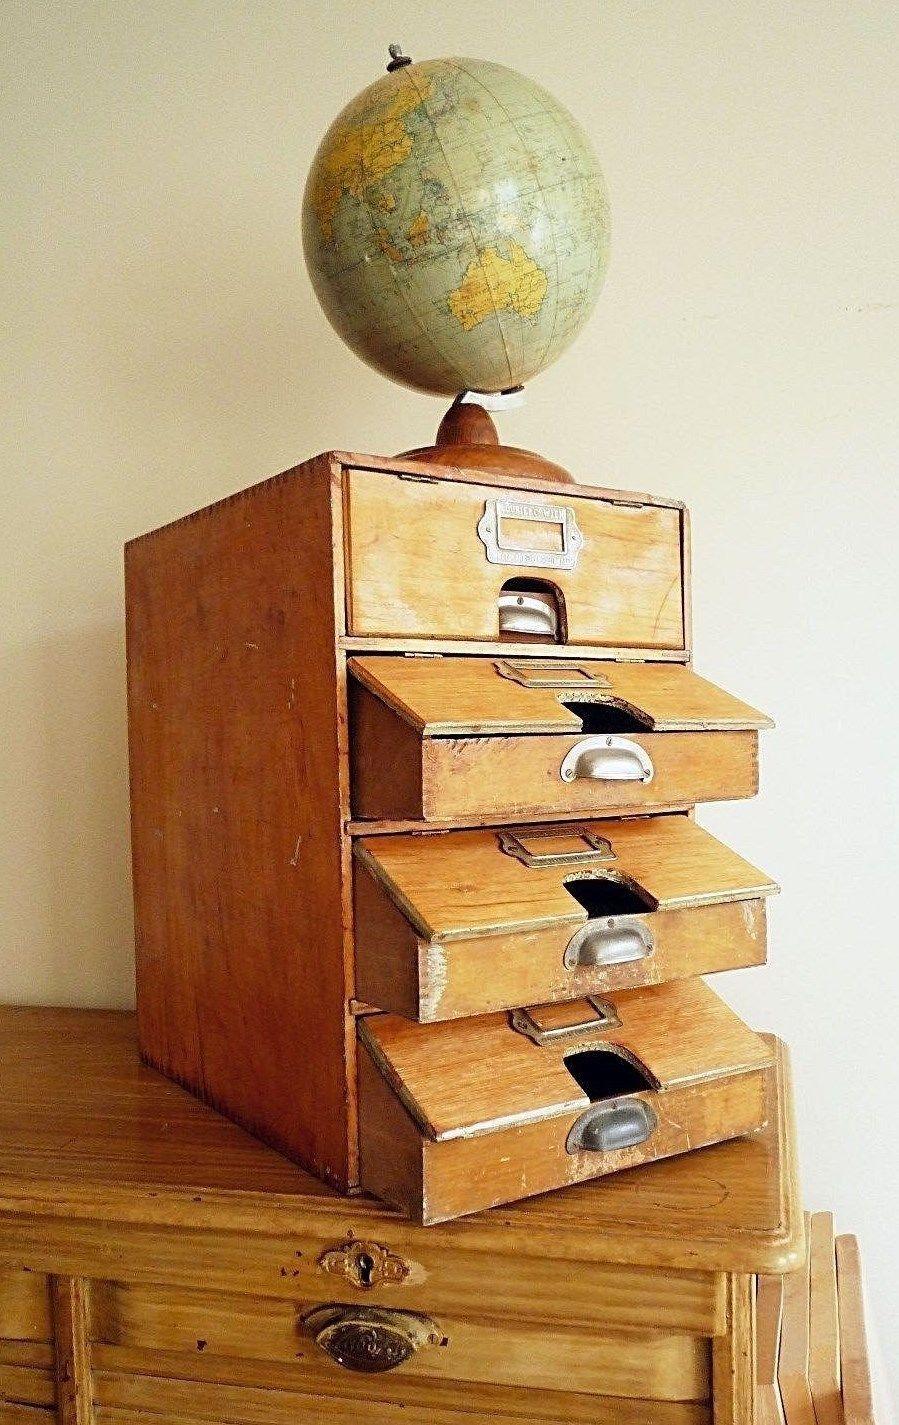 Antik Schubladenschrank Buroschrank Dokumentschrank File Cabinet Loft Werkstatt Ebay Schubladenschrank Buroschranke Schrank